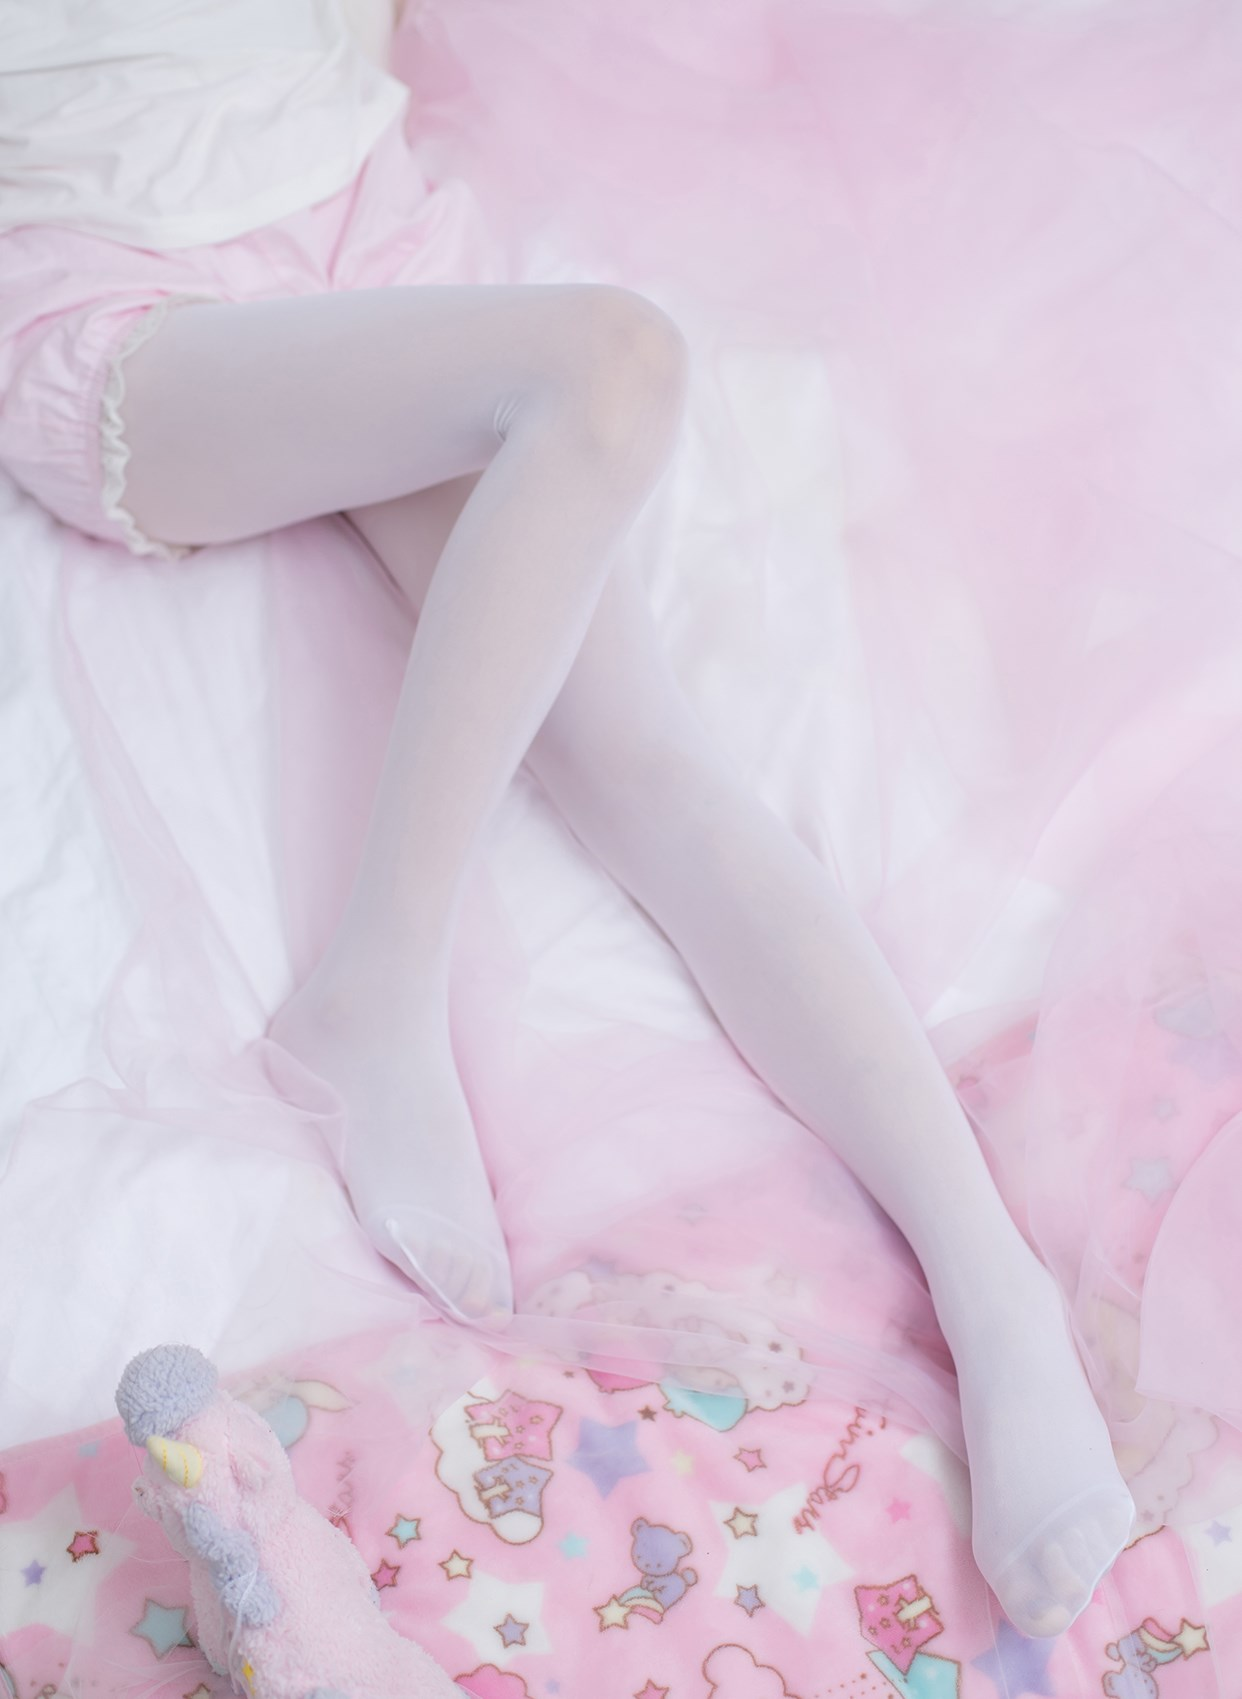 【兔玩映画】少女的卧室 兔玩映画 第1张